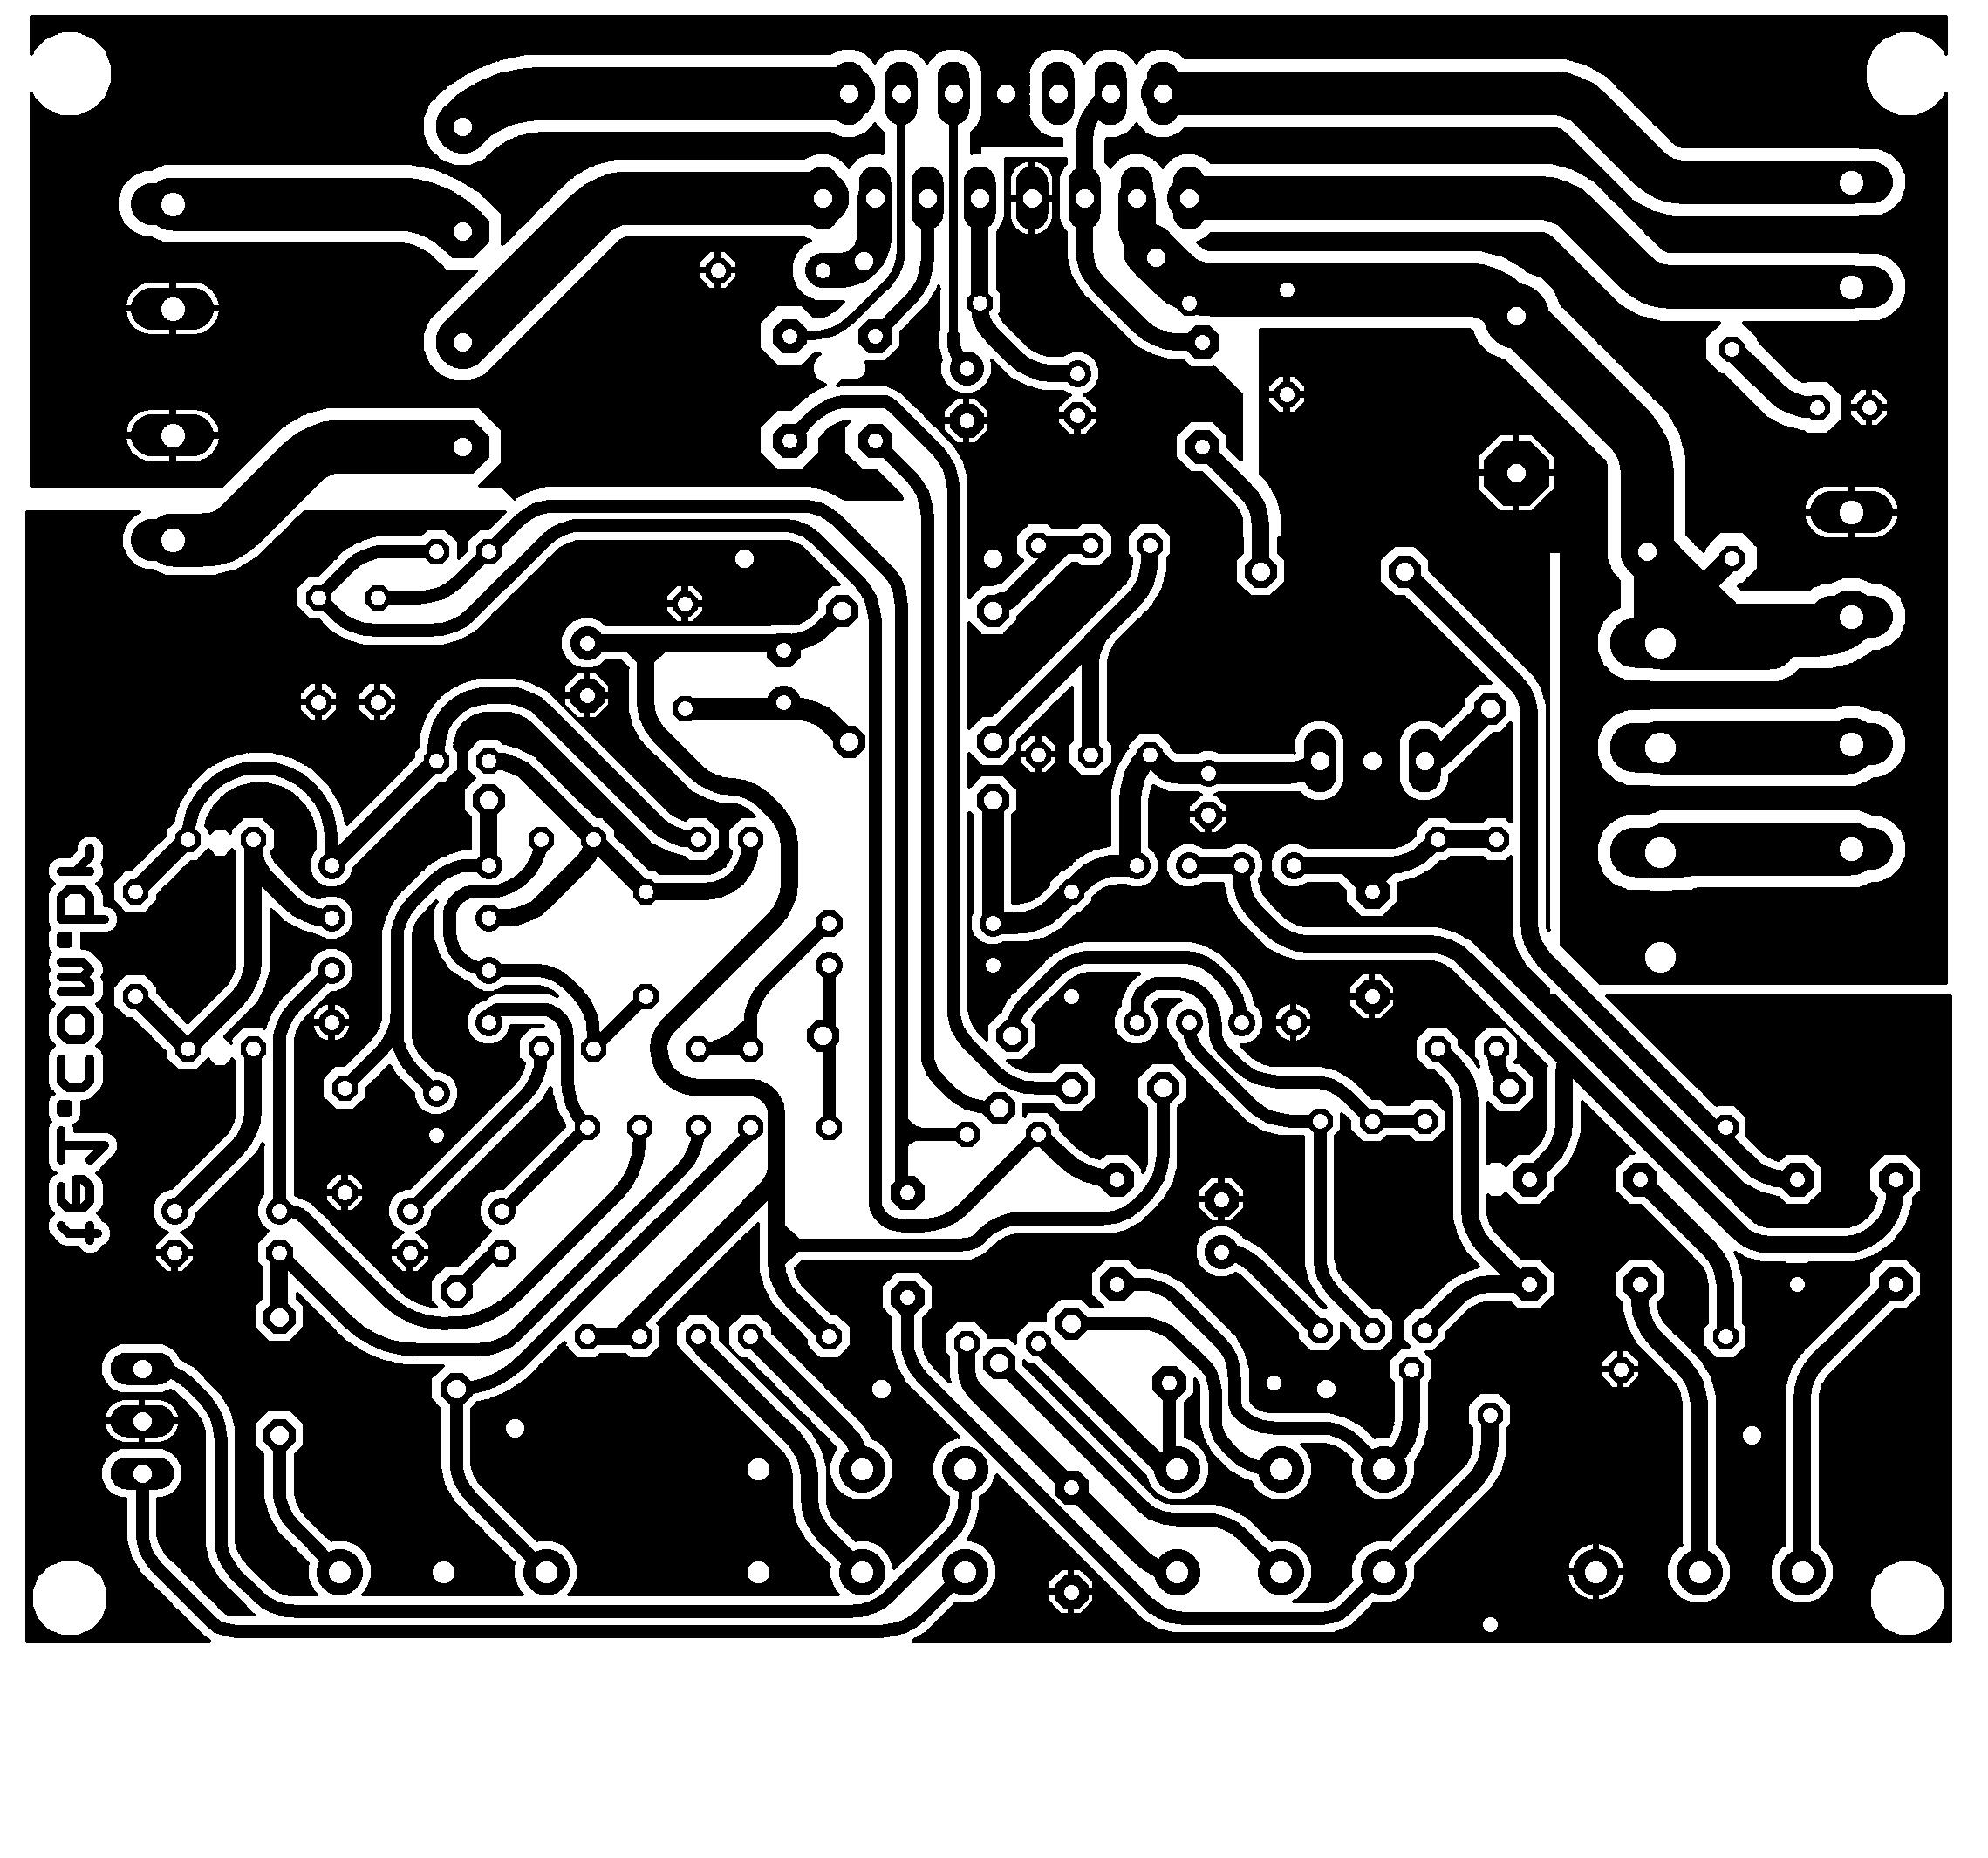 tda7377 2.1 pcb 30 watts amplificador potencia 1 Circuito de amplificador de potência de áudio 2.1 com TDA7377   Estéreo + Subwoofer tda Pré amplificadores Circuitos Áudio